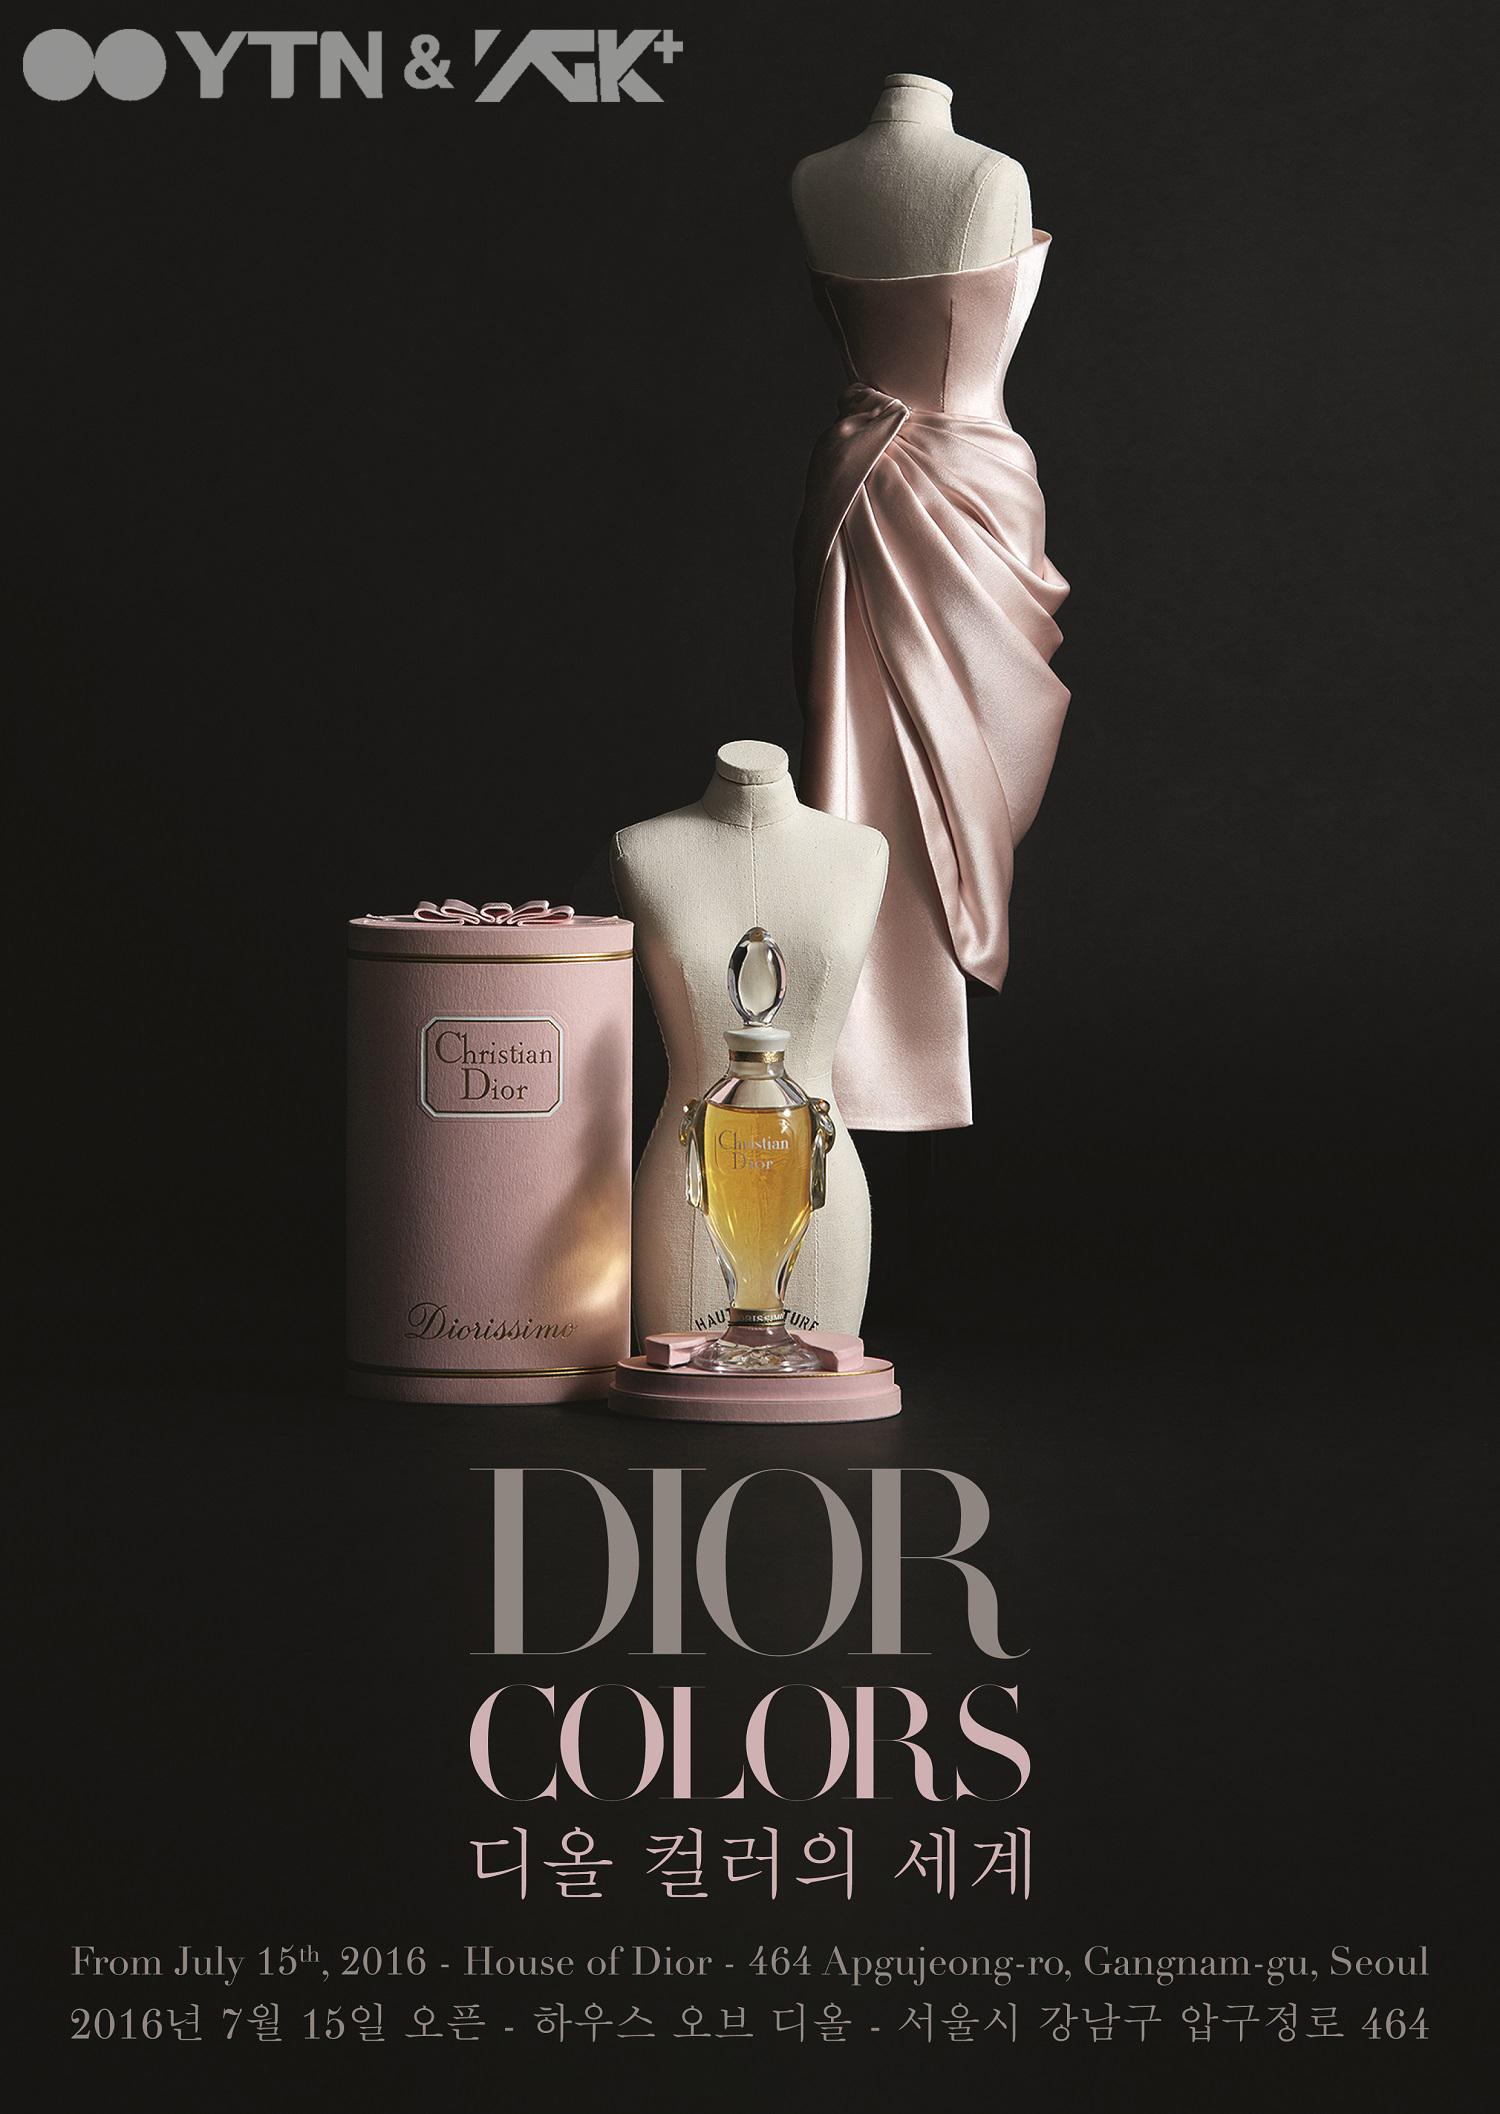 '크리스챤 디올'이 선보이는 '디올 컬러의 세계-Dior Colors' 전시 개최